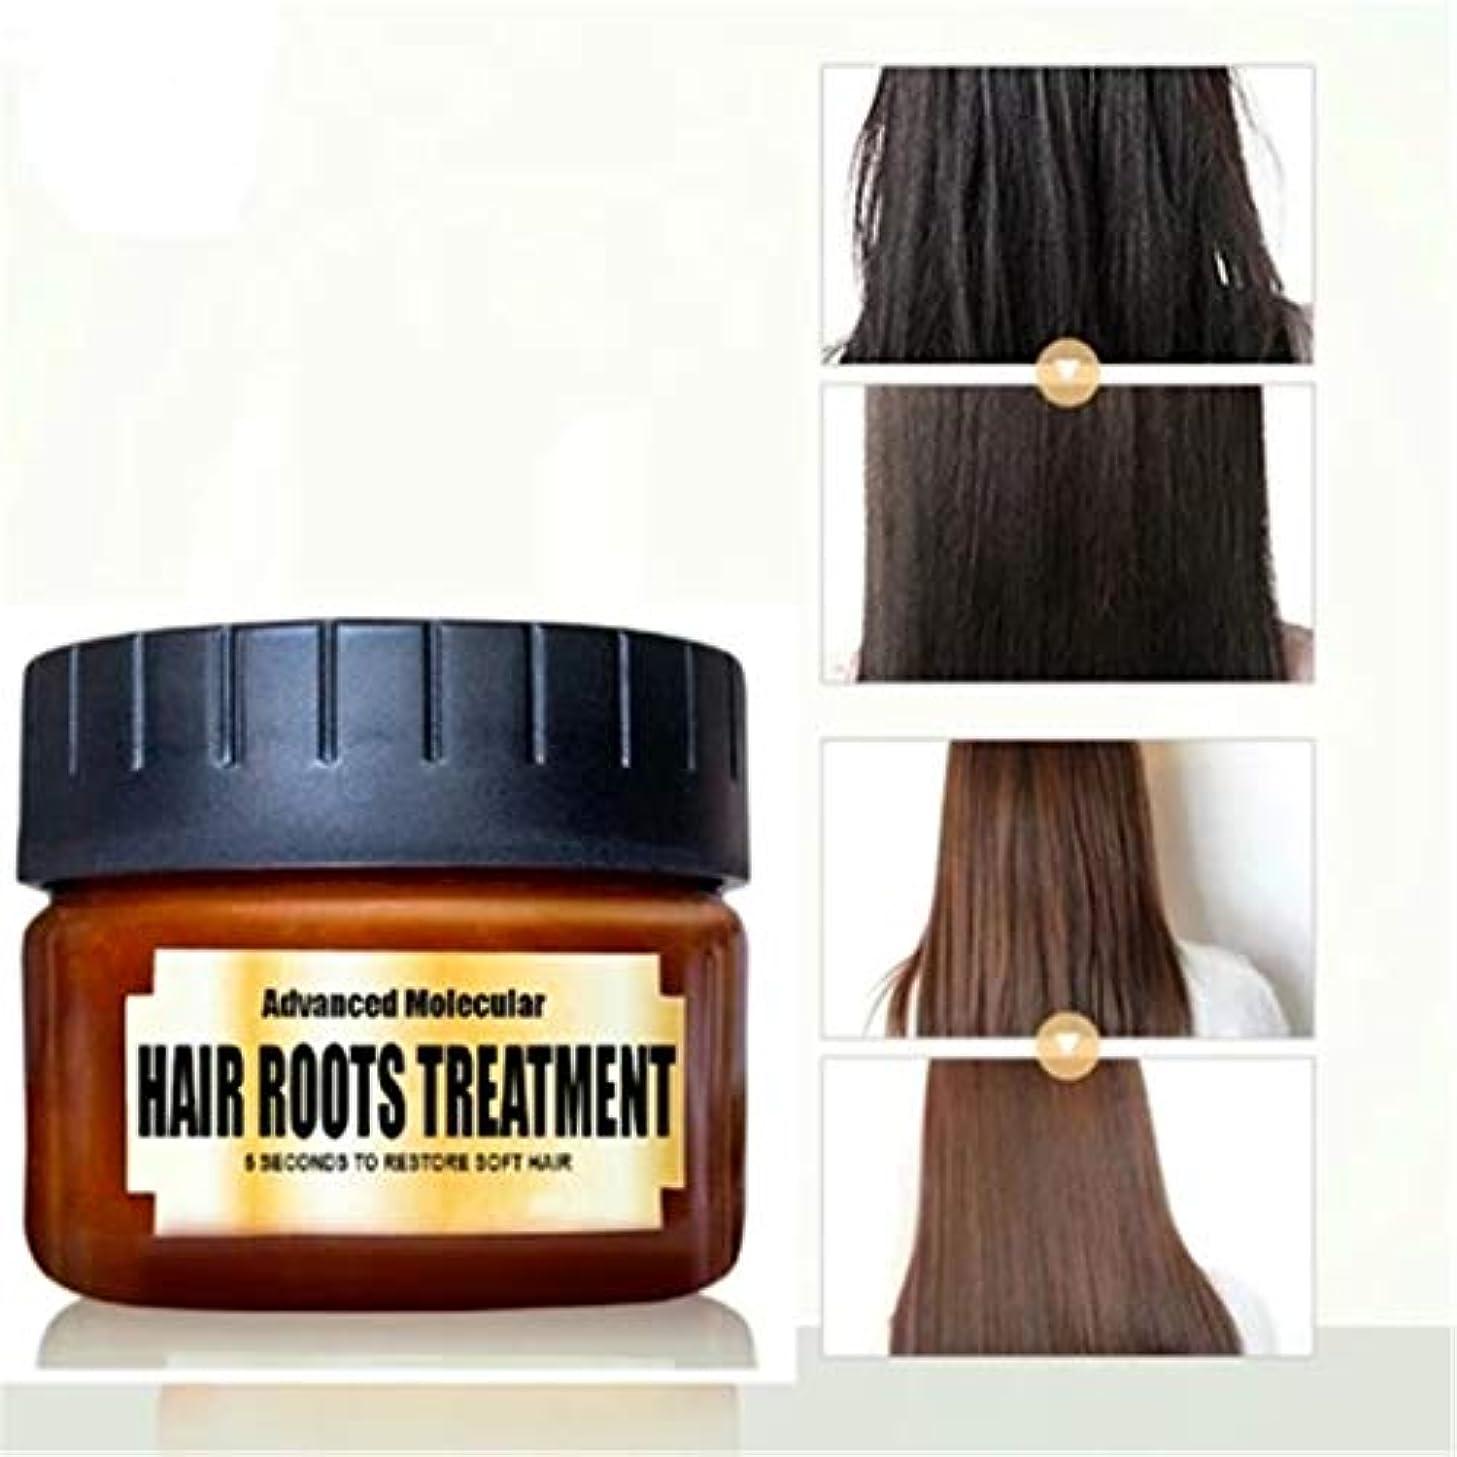 校長どちらも矢じりコンディショナー ヘアケアコンディショナー ヘアデトキシファイングヘアマスク 高度な分子 毛根治療の回復 乾燥または損傷した髪と頭皮の治療のための髪の滑らかなしなやか (B 60 ml)